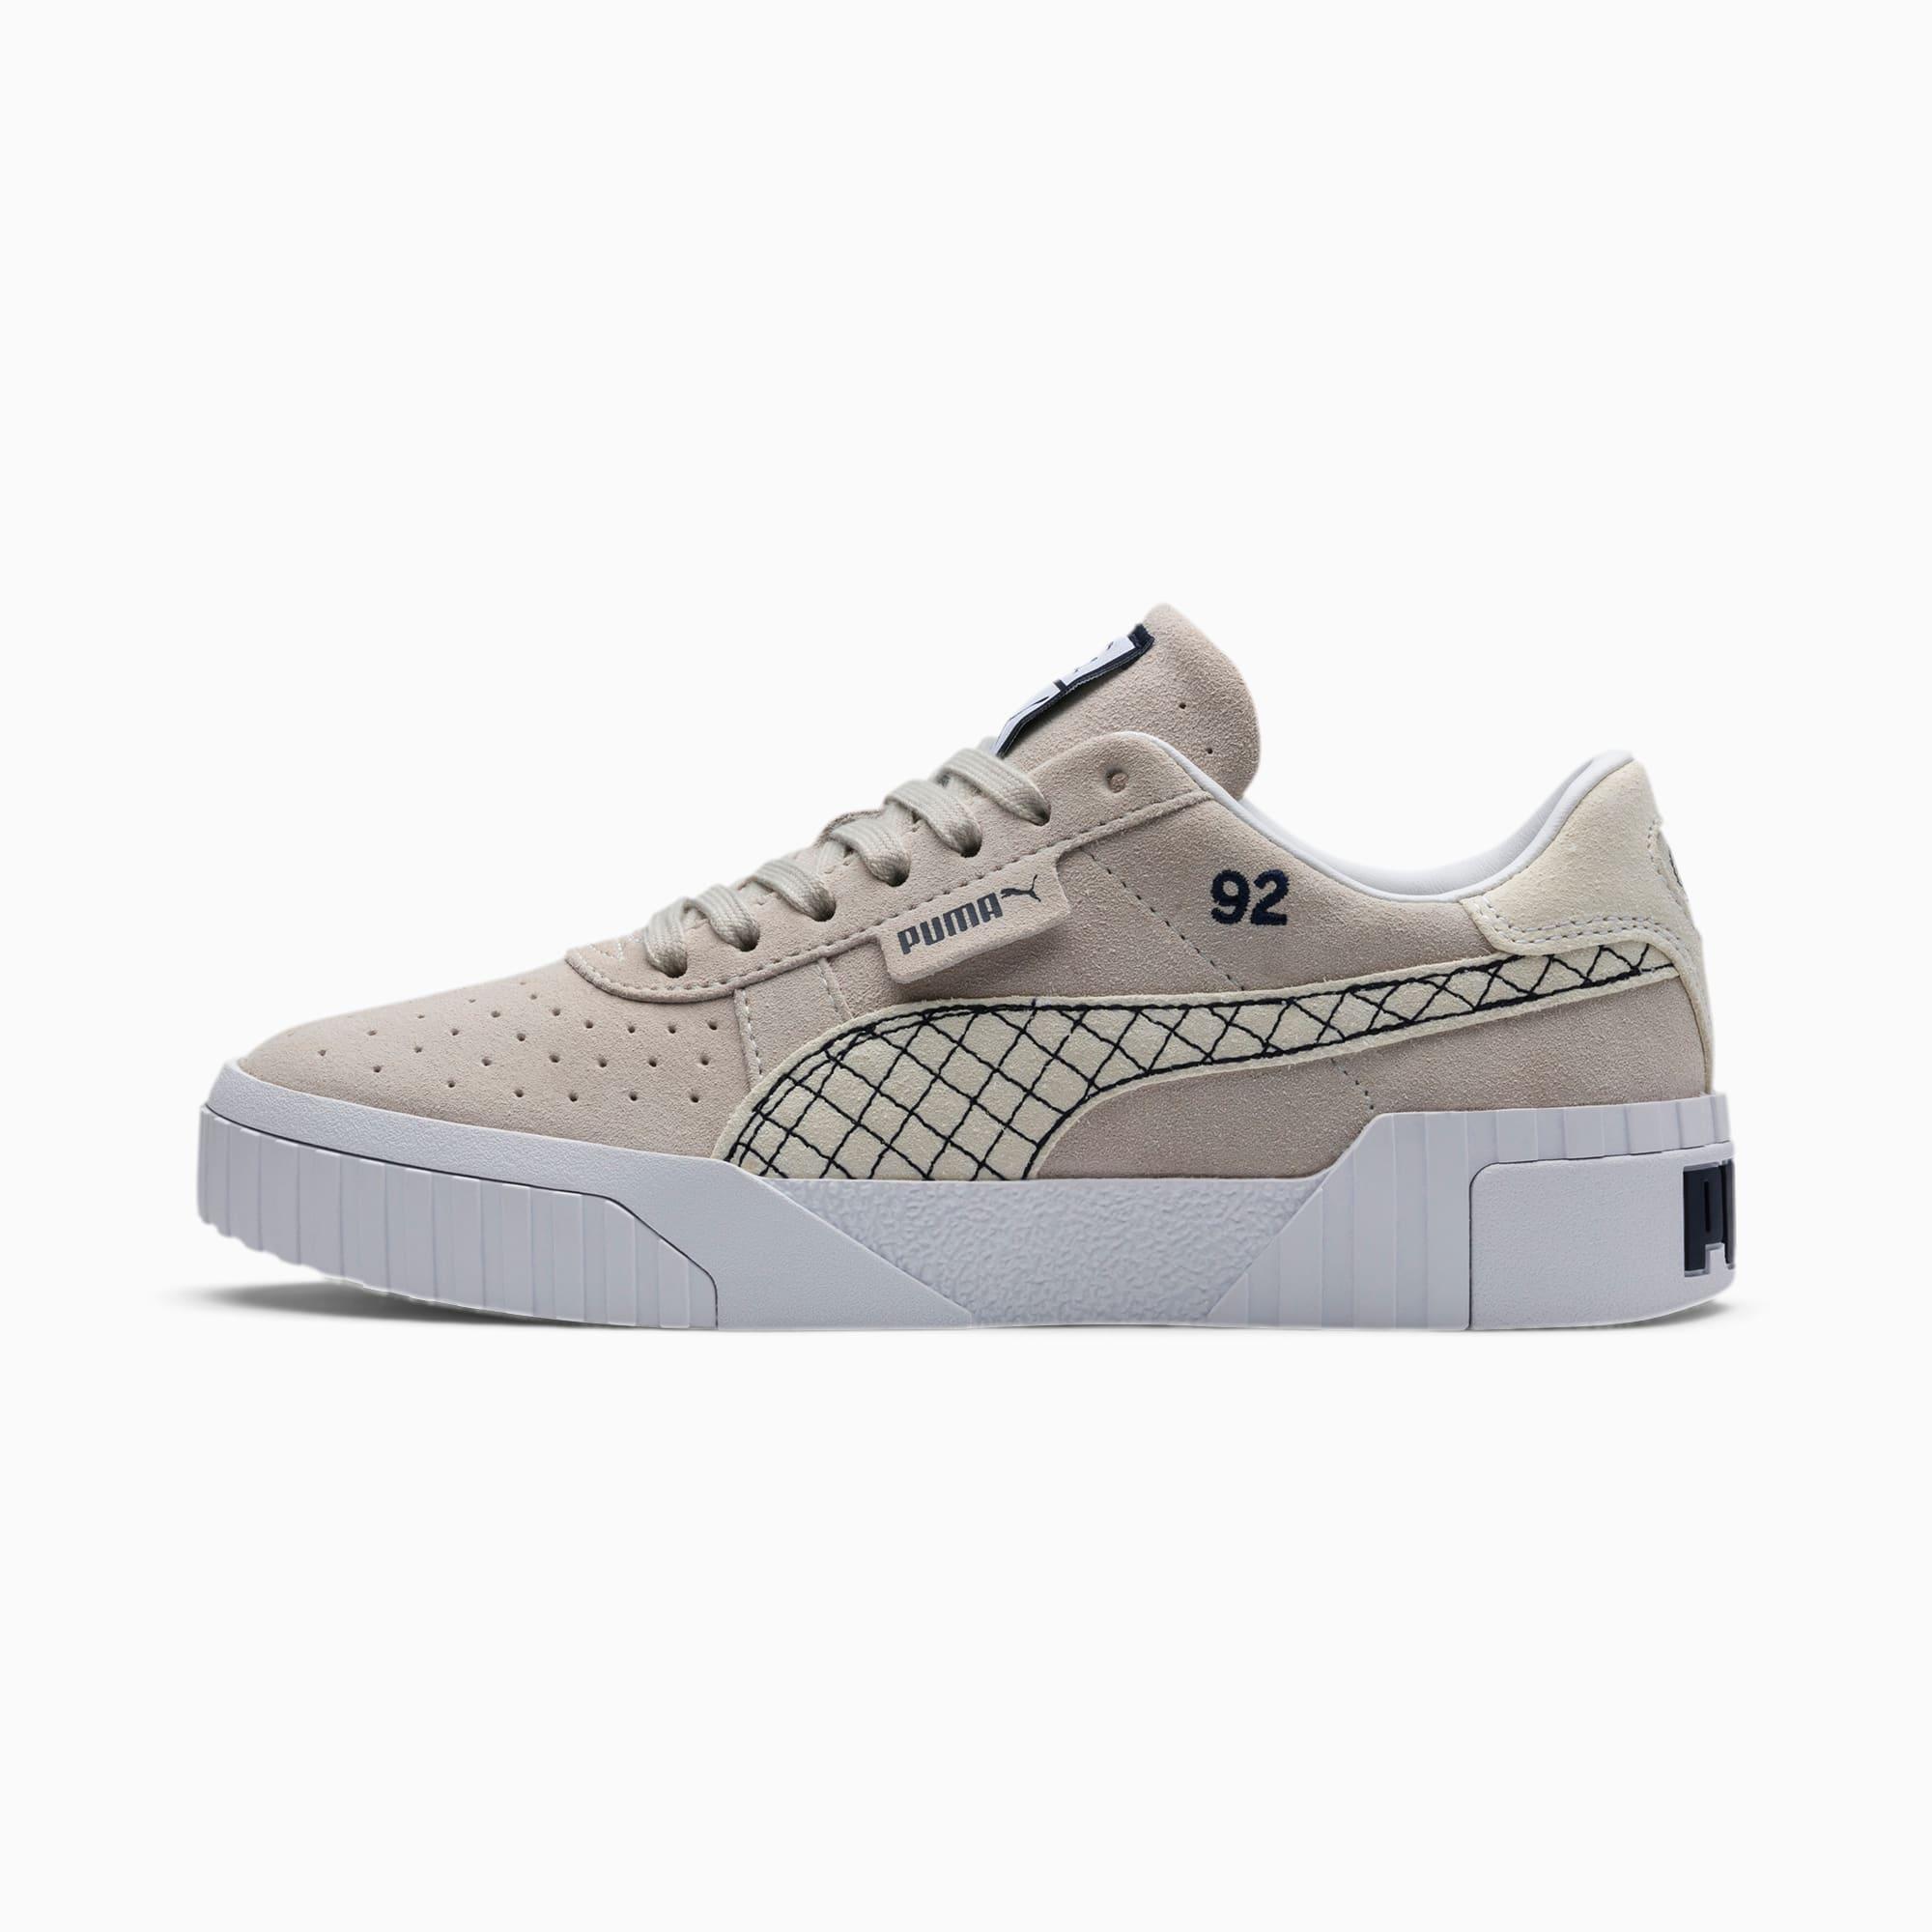 PUMA Chaussure Basket PUMA x SELENA GOMEZ Cali Suede Quilt pour Femme, Argent/Gris/Blanc, Taille 36, Chaussures